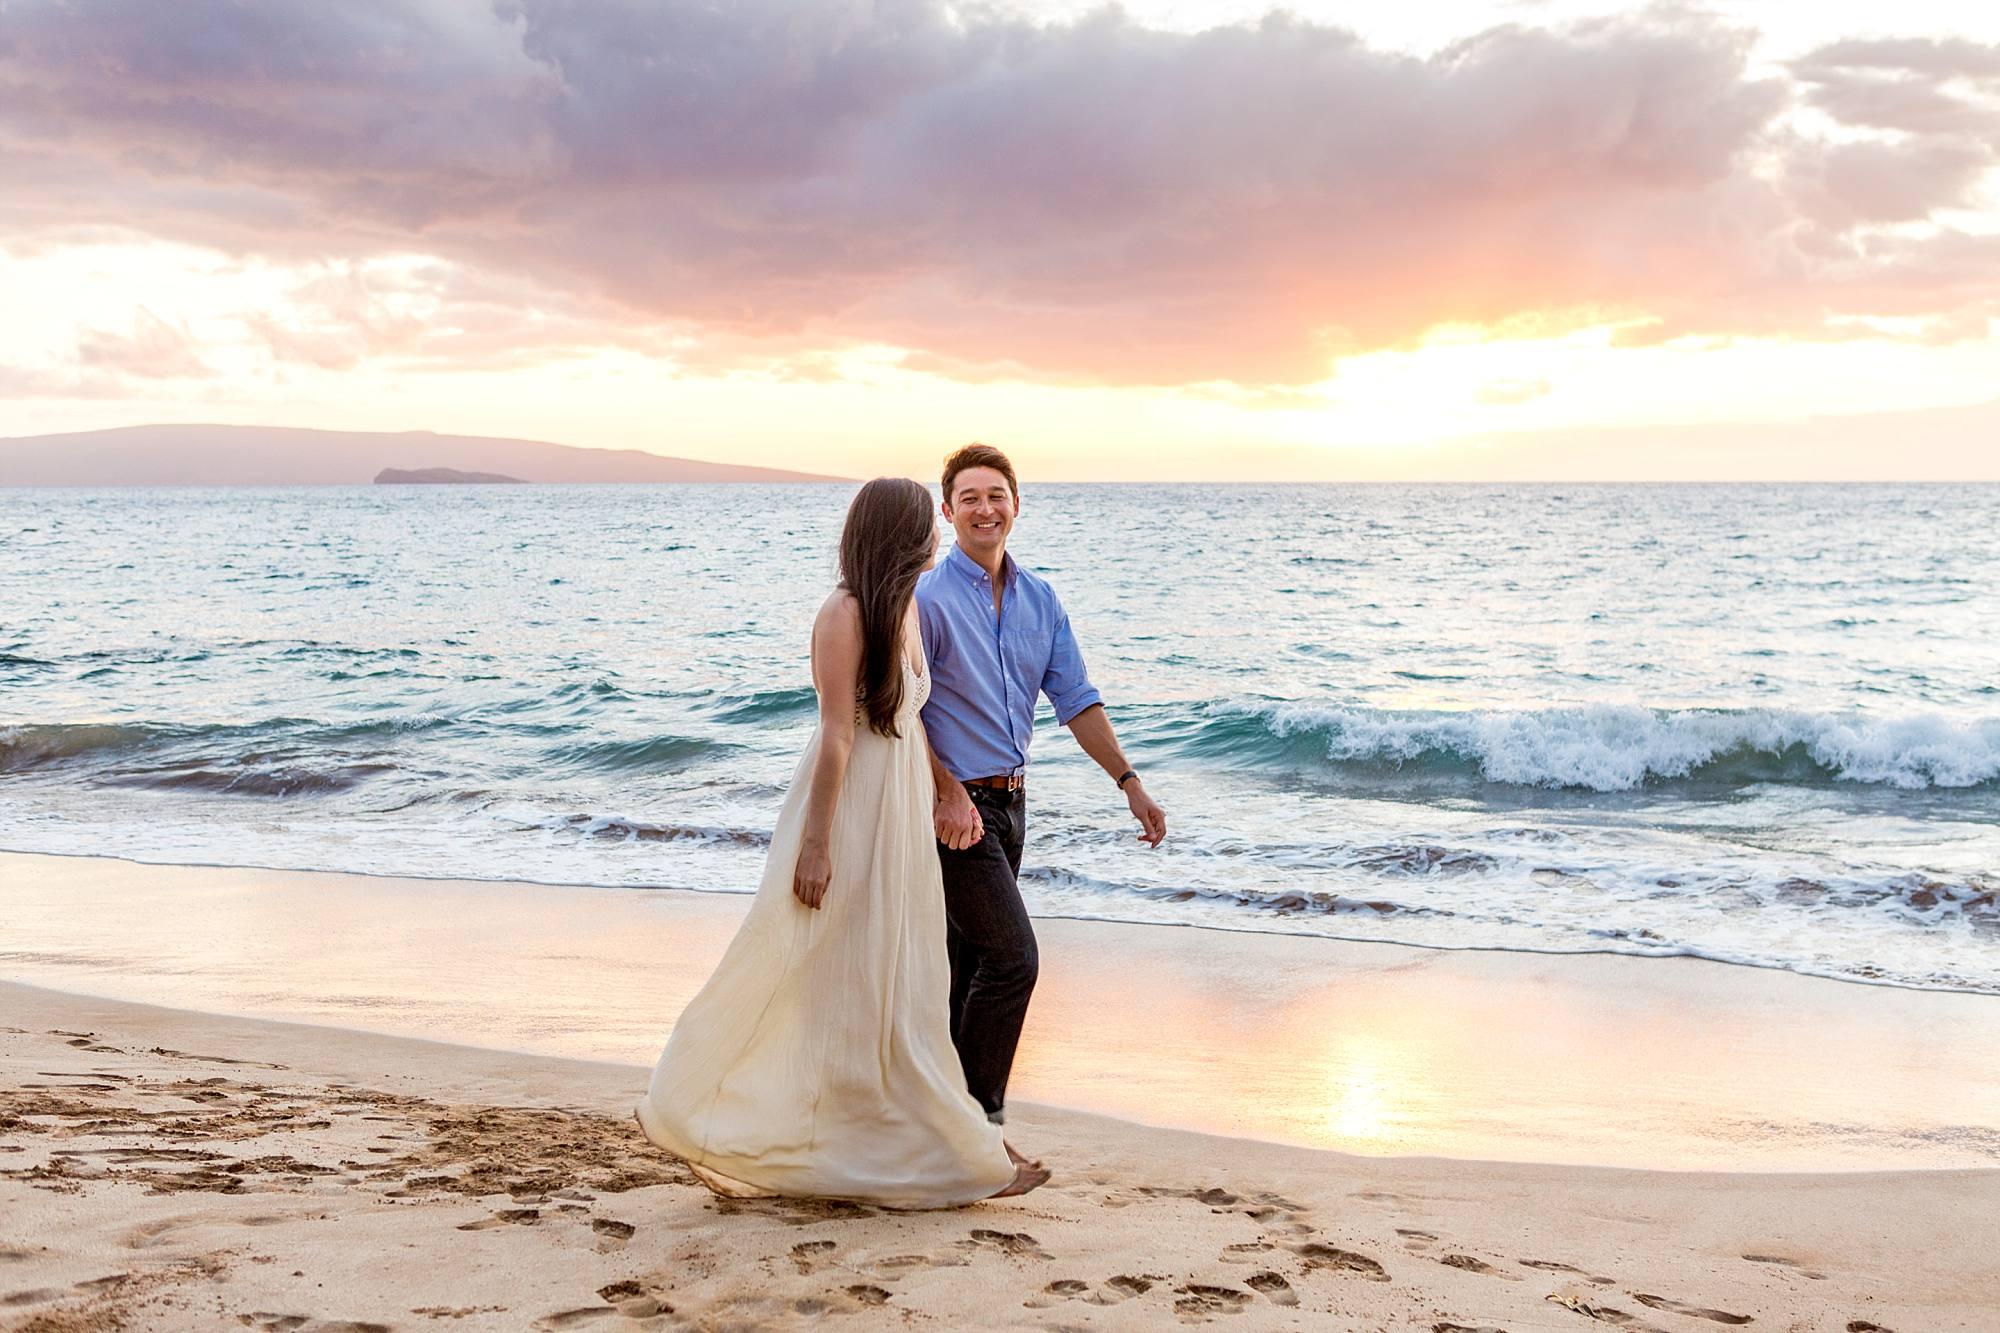 Engagement portrait sunset couple walking down beach